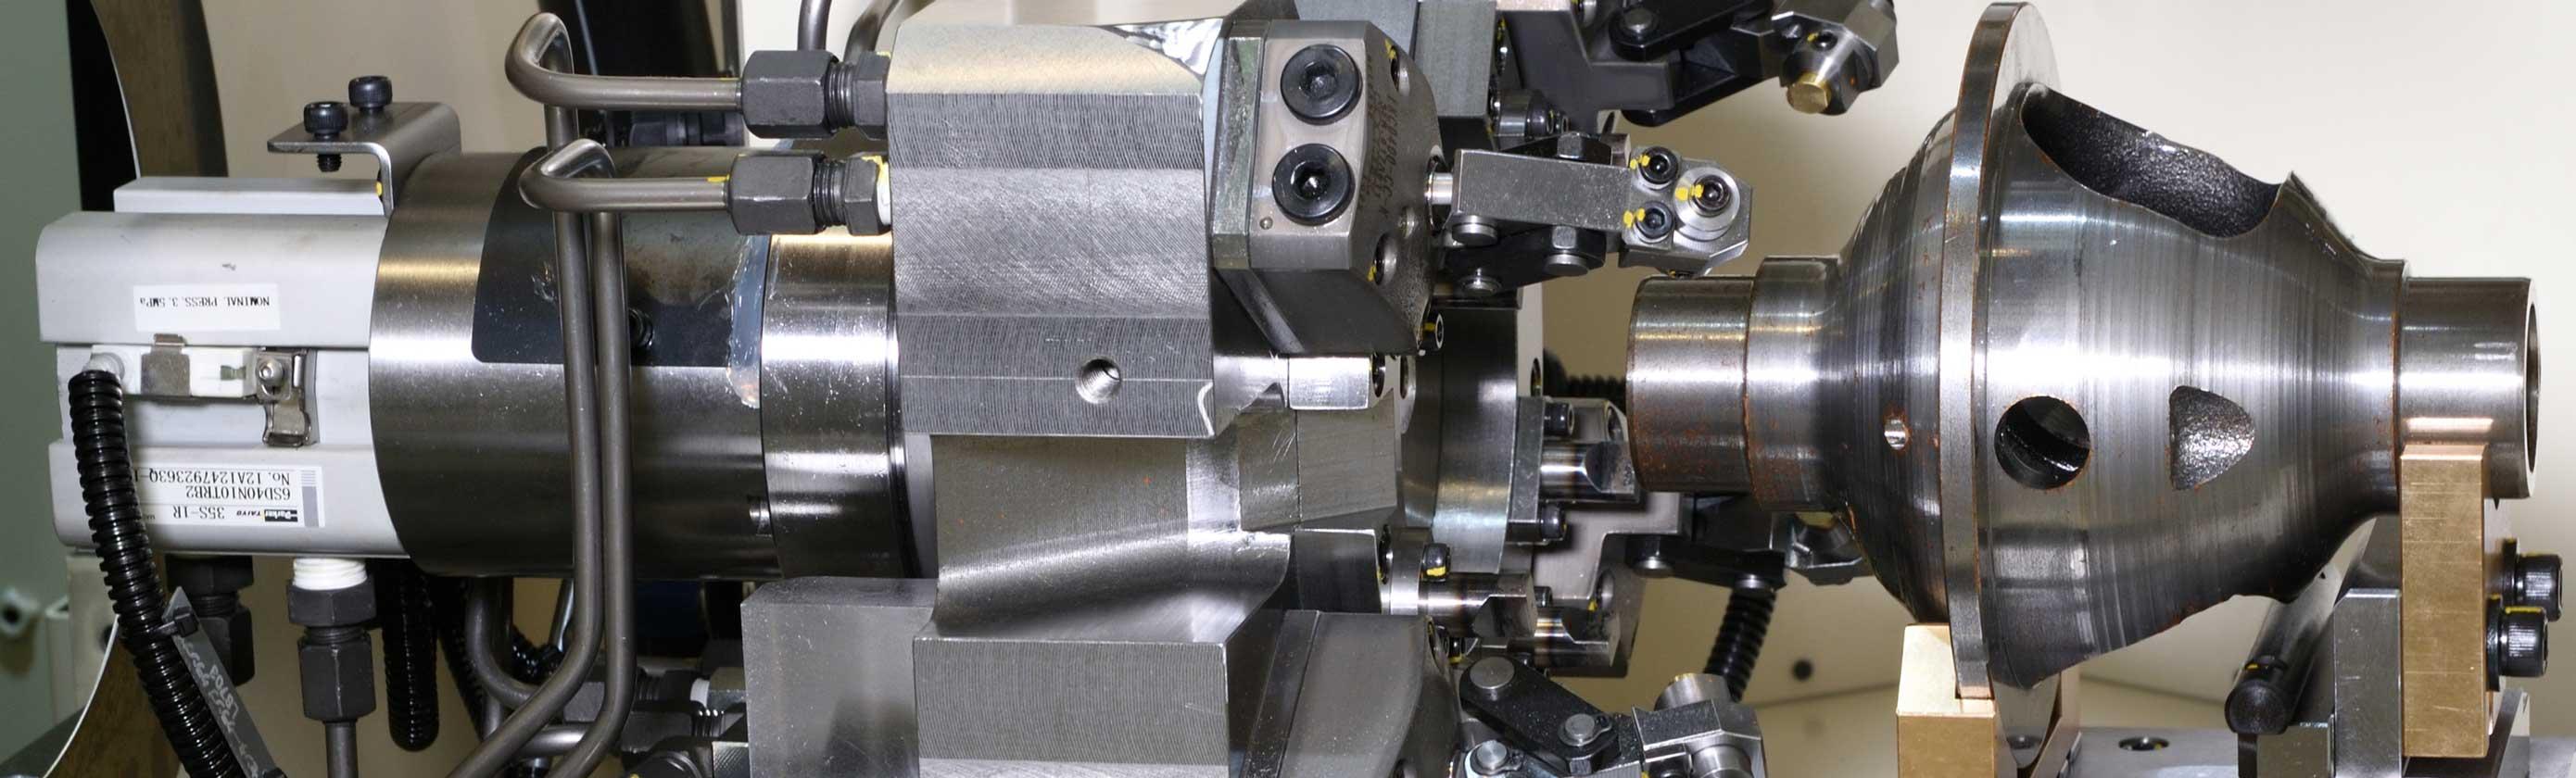 ハル技術研究所製品情報イメージ